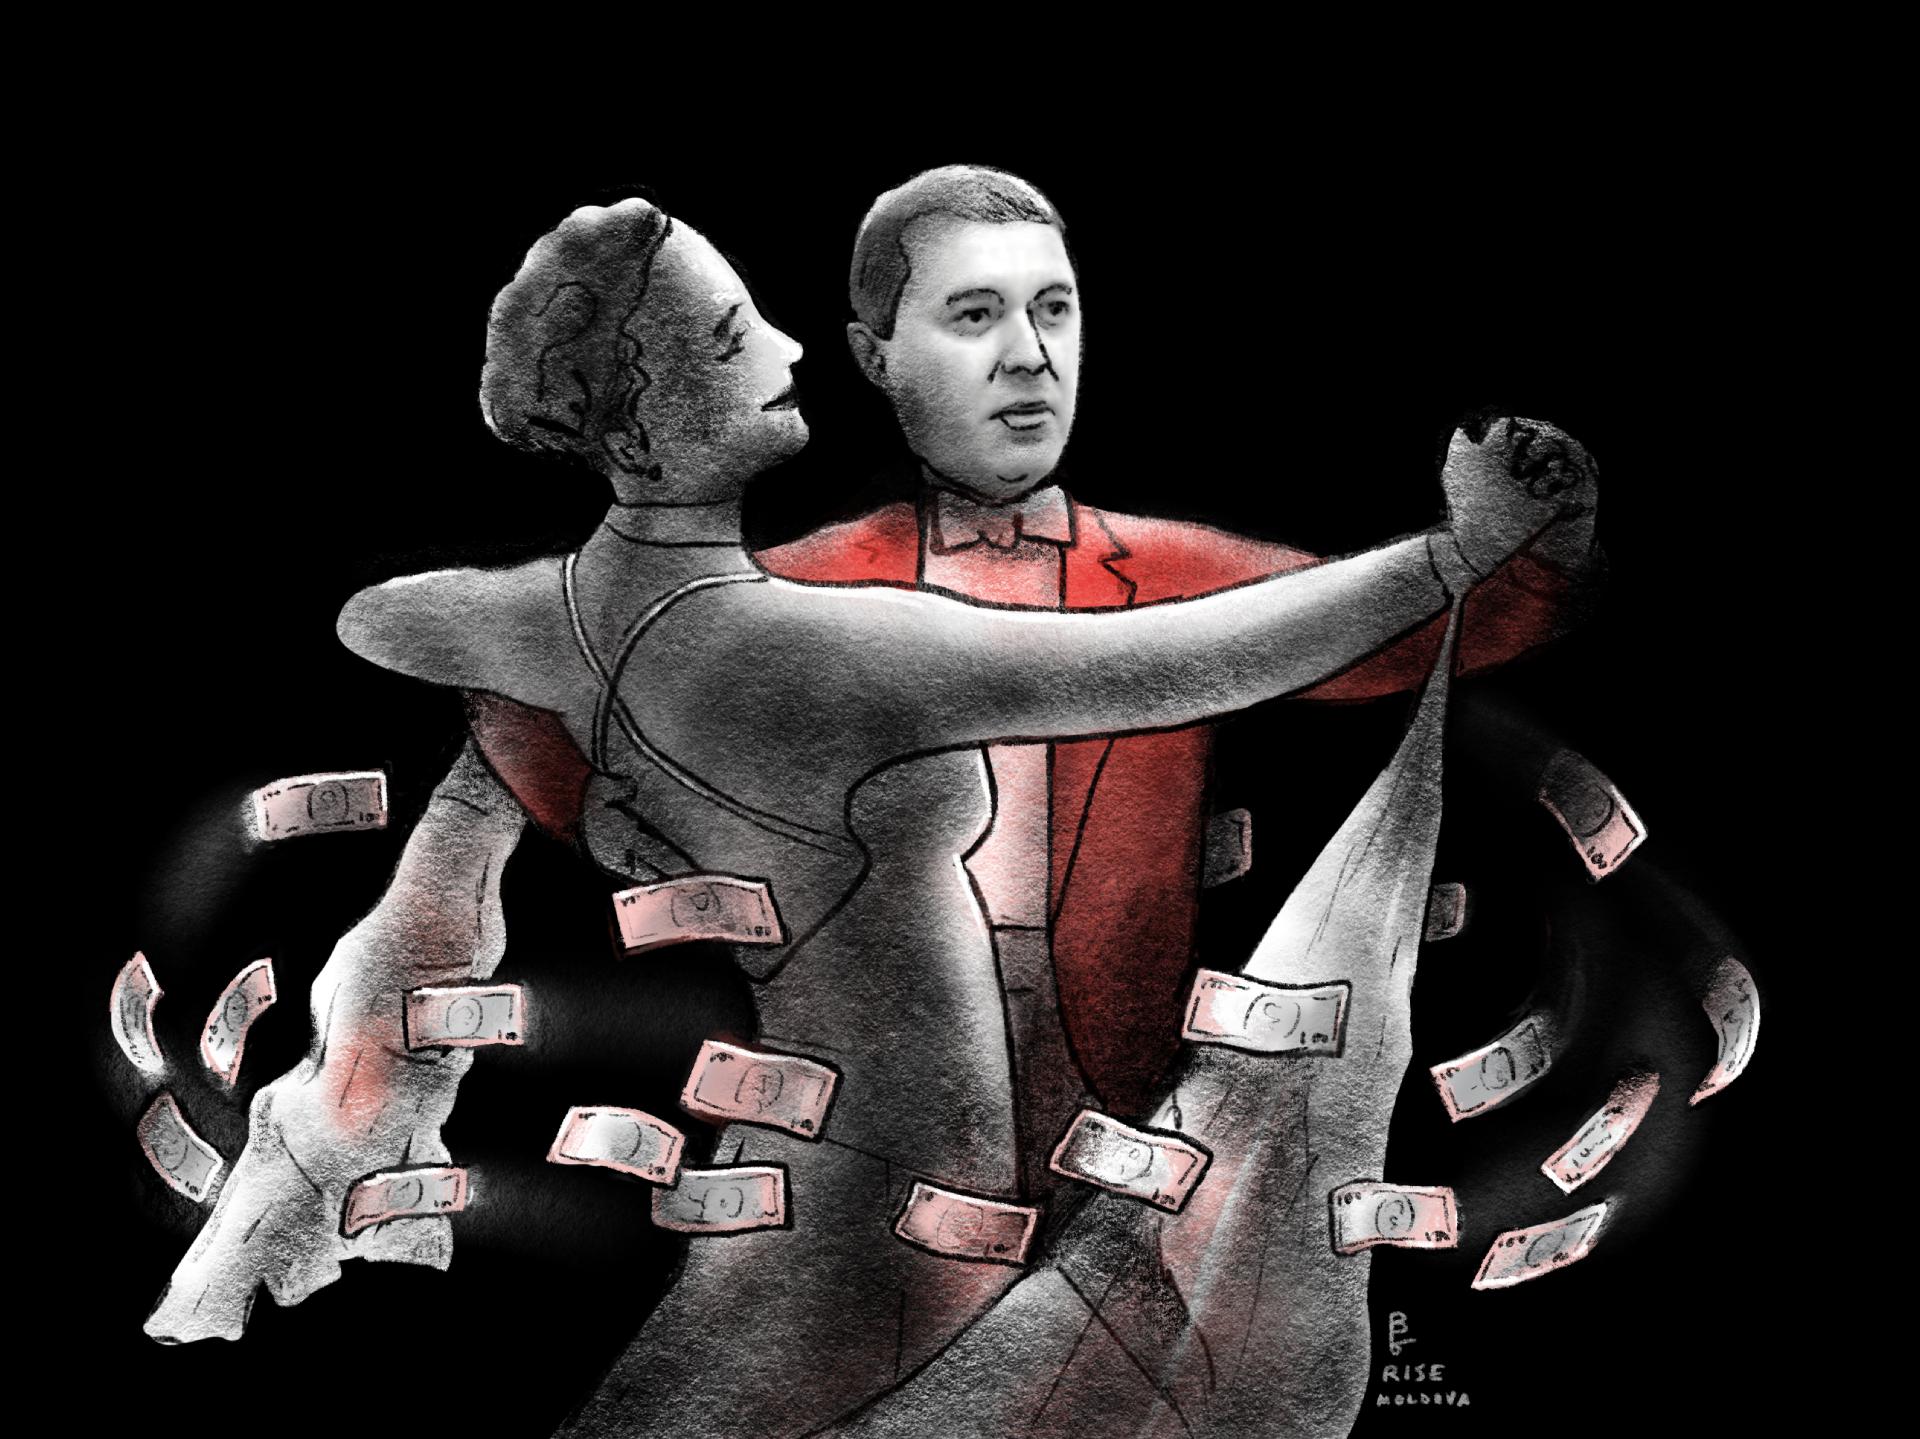 caricatura-vitalie-iucru-cover